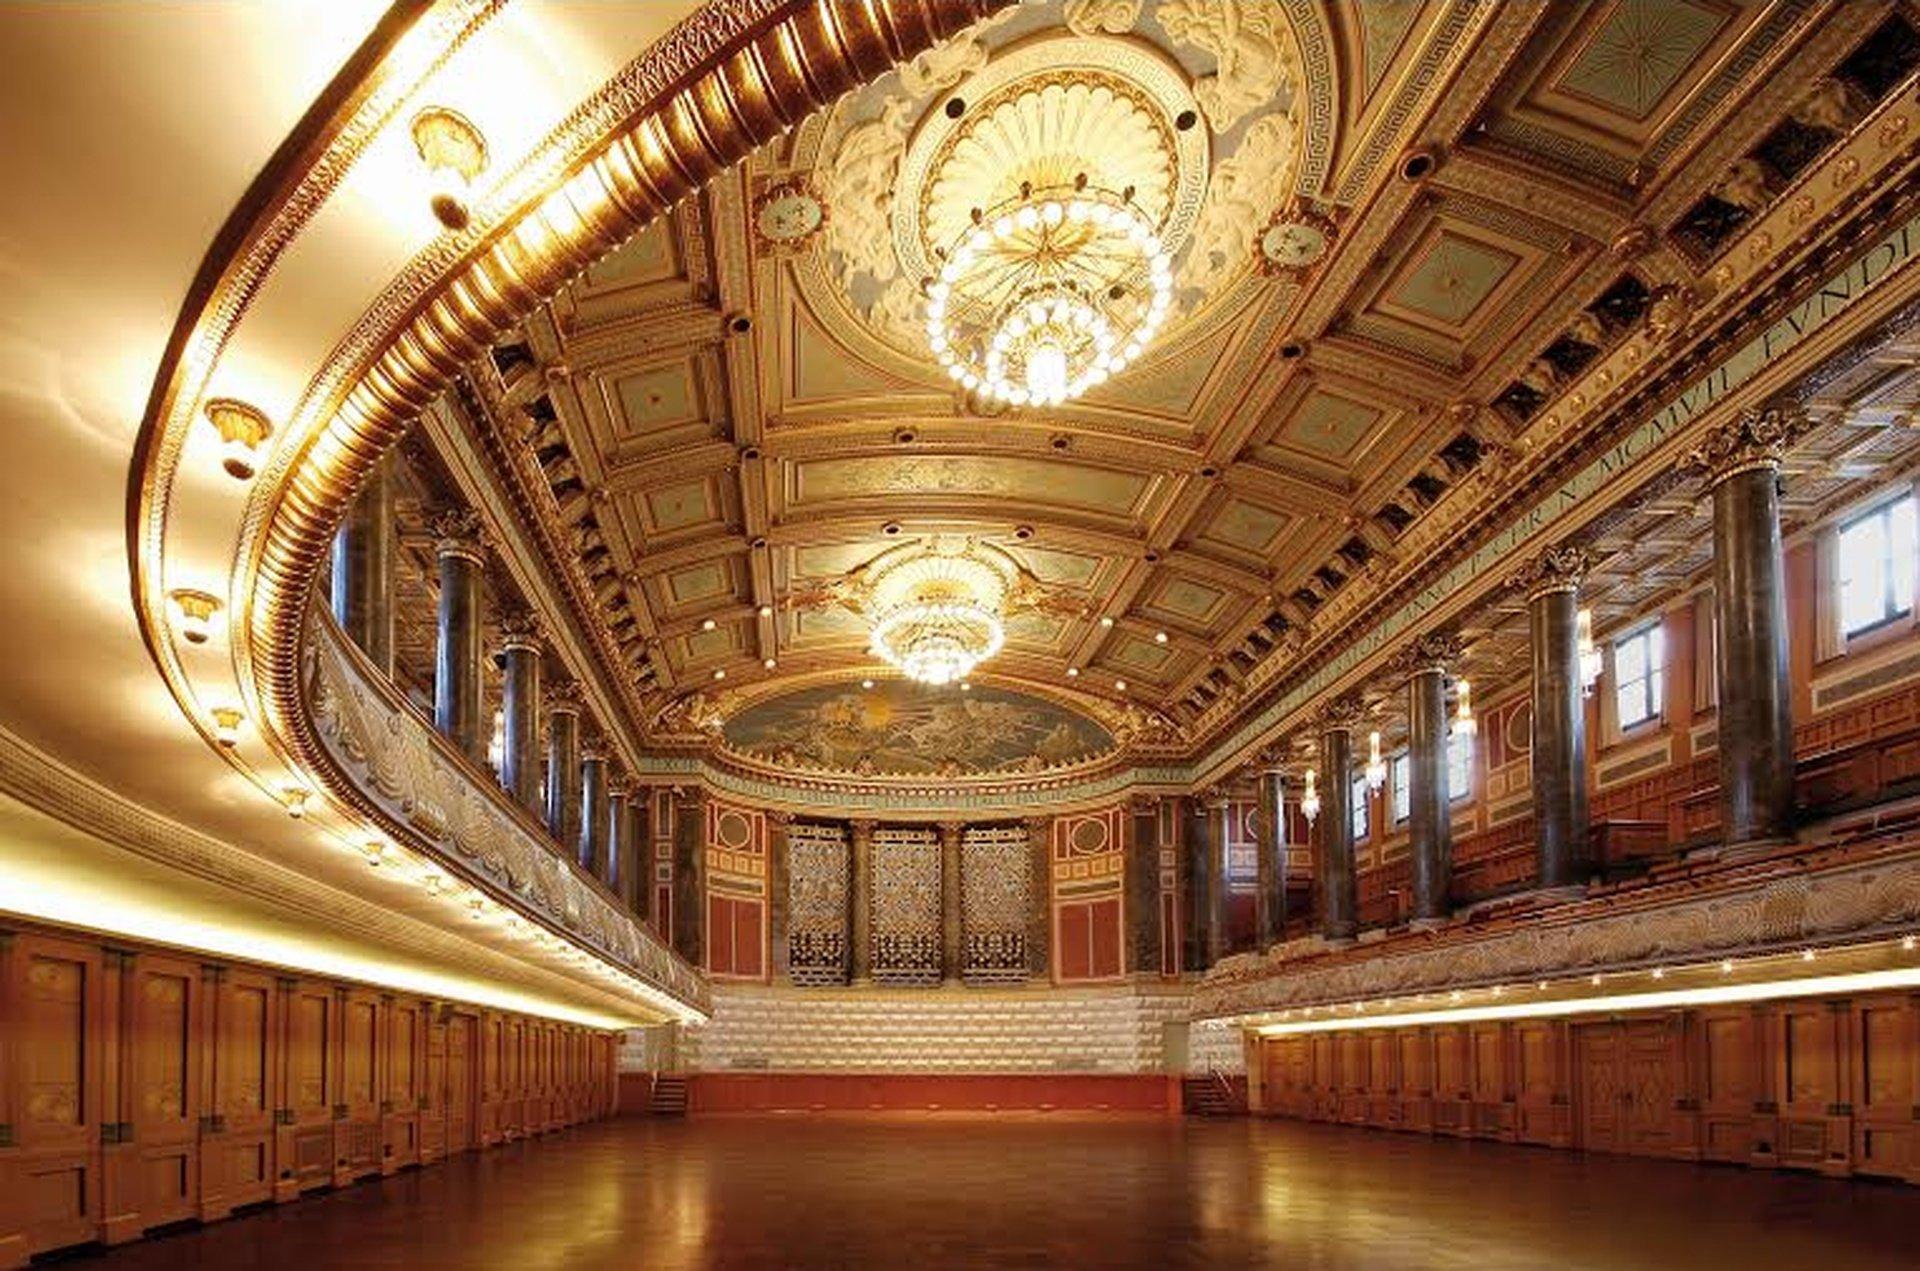 Francfort corporate event venues Lieu historique Kurhaus - Friedrich-von-Thiersch-Saal image 0